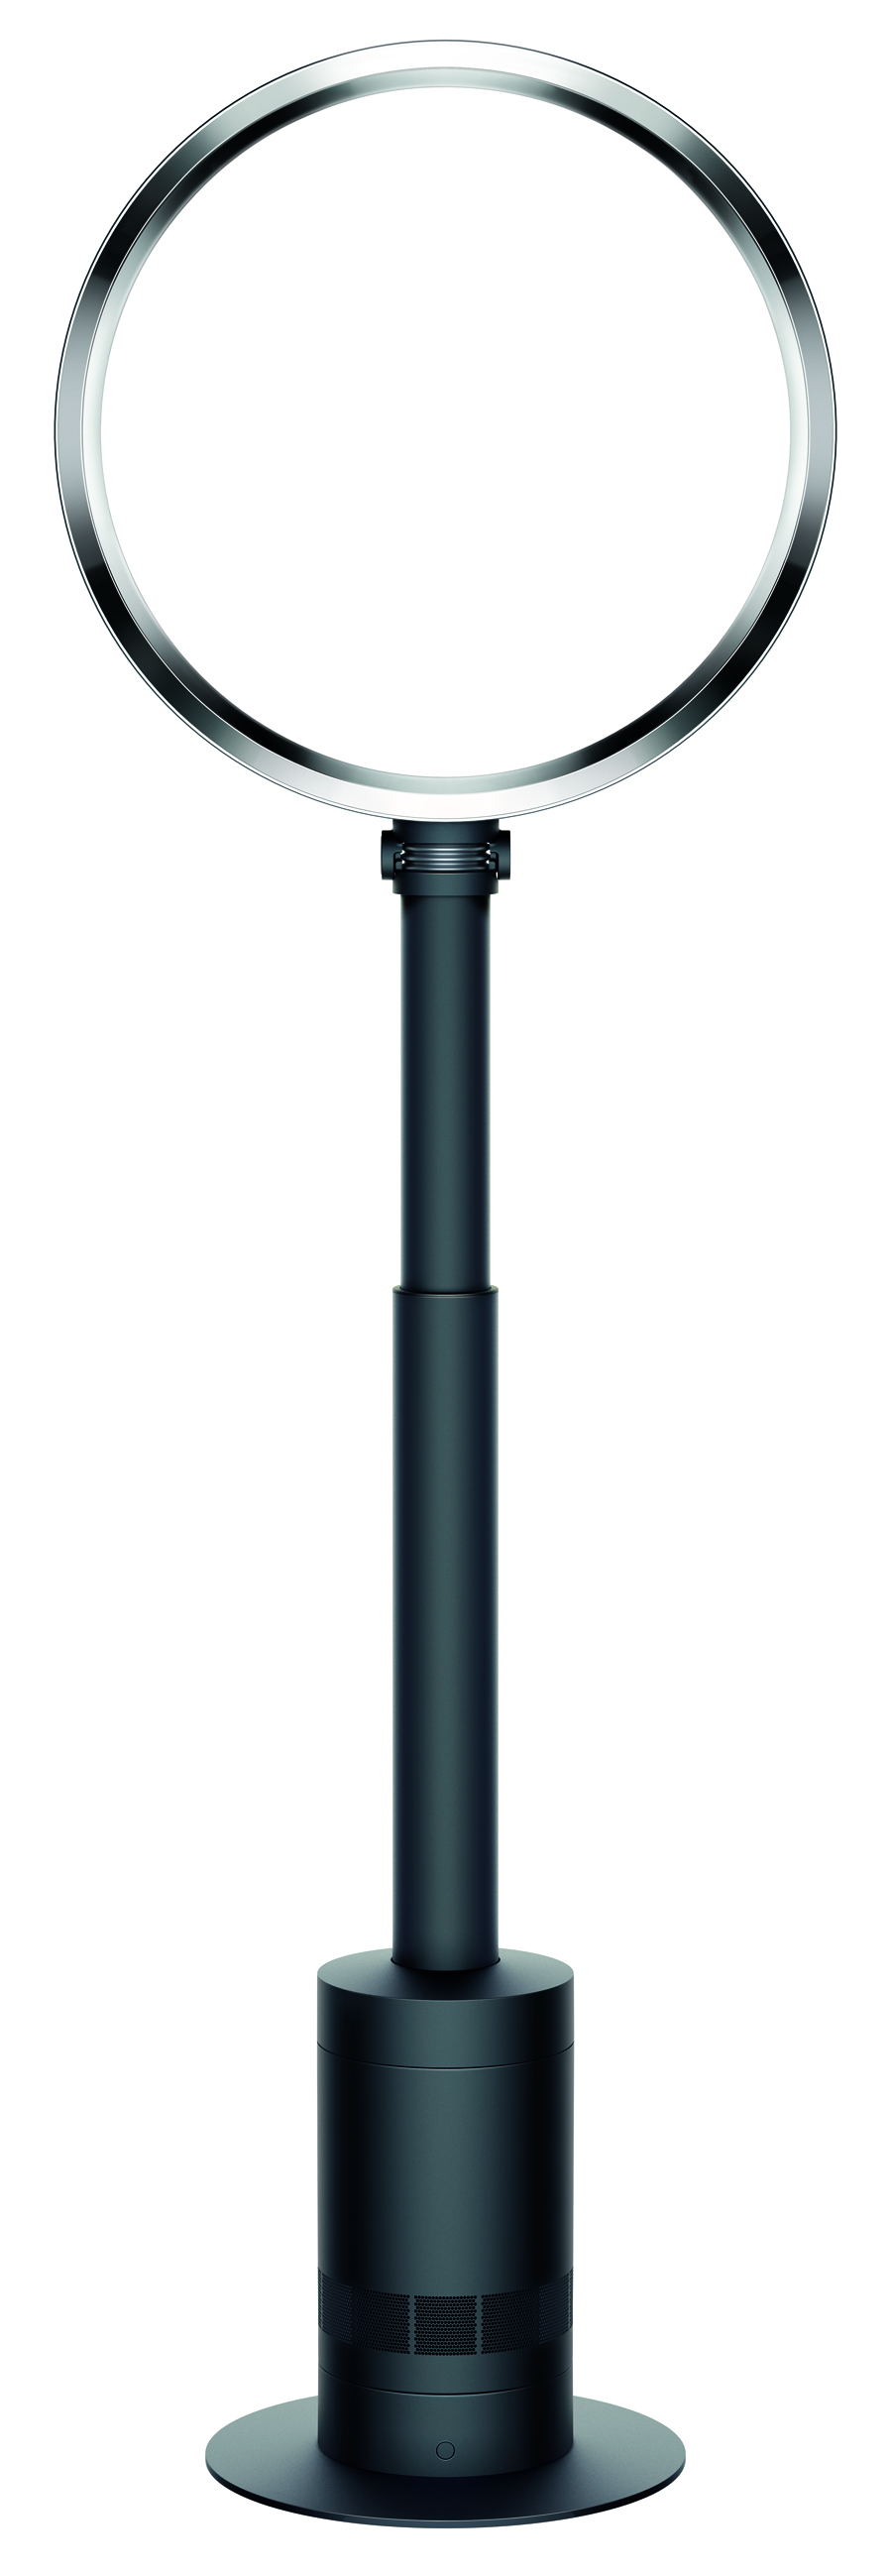 Dyson pedestal fan dyson air blower